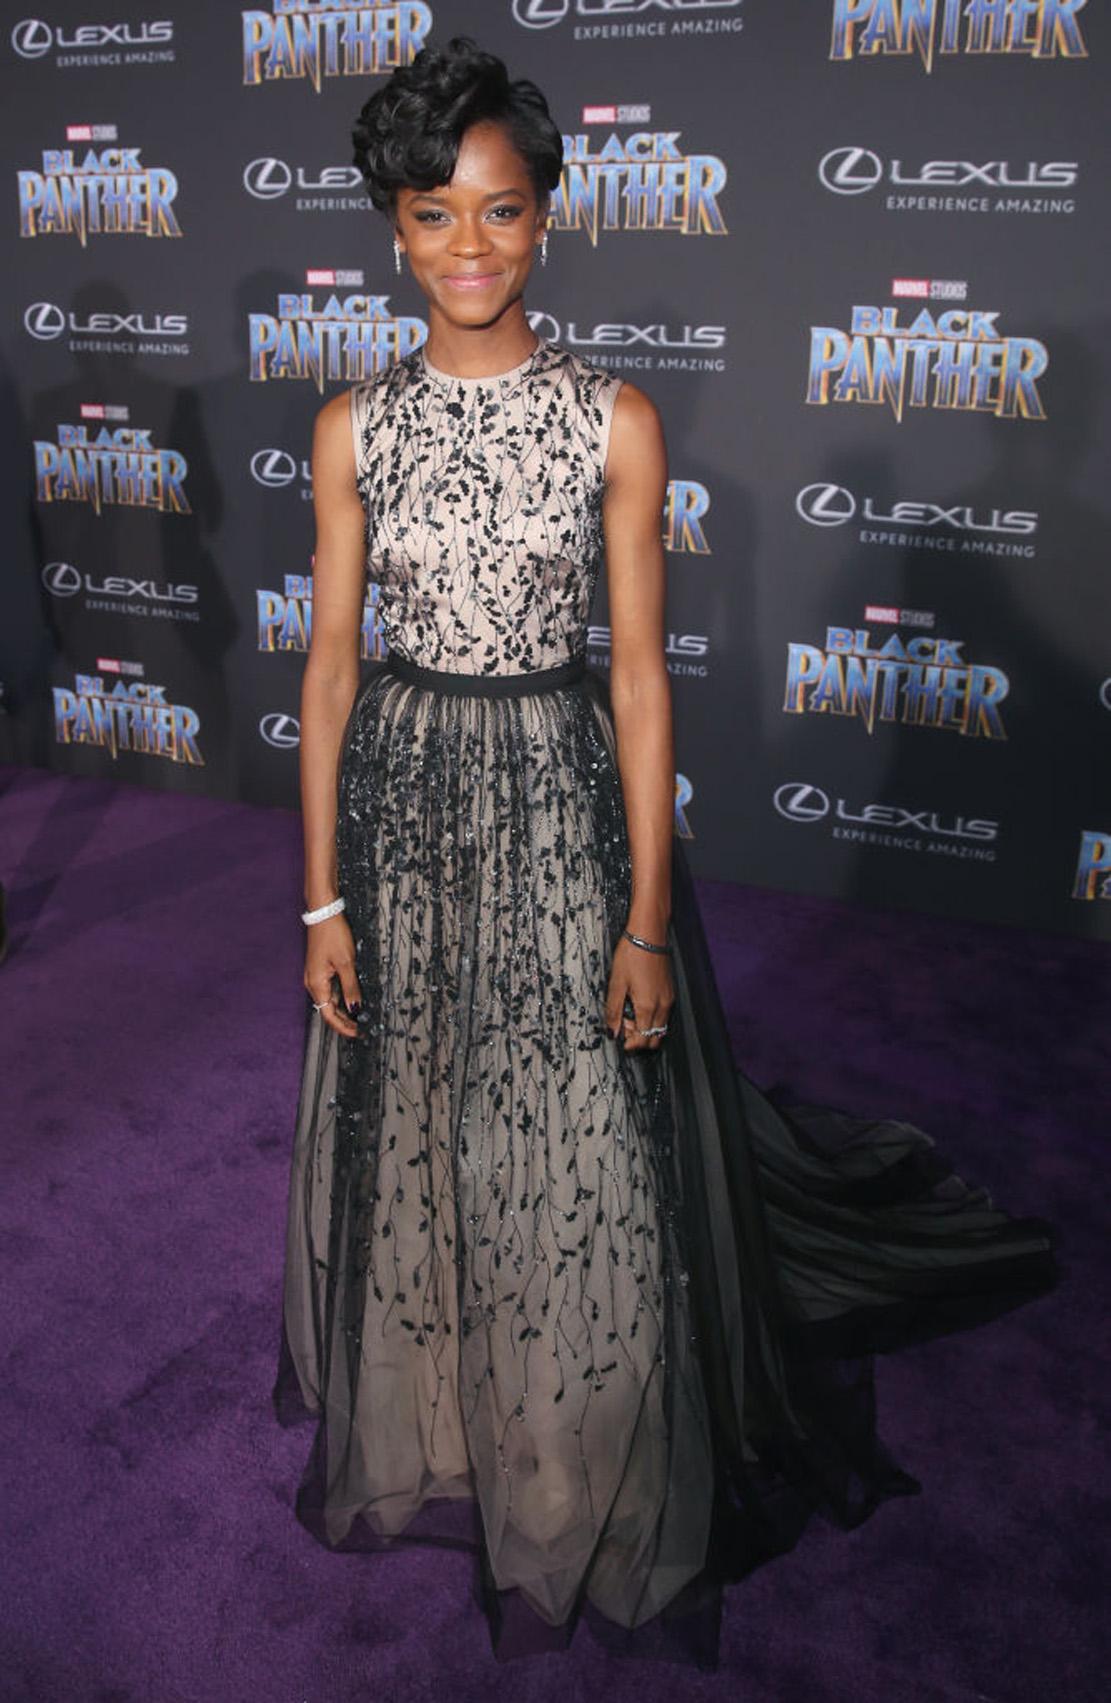 Letitia Wright påverdenspremieren til Black Panther i Los Angeles i 2018 (Jesse Grant/Getty/Disney)